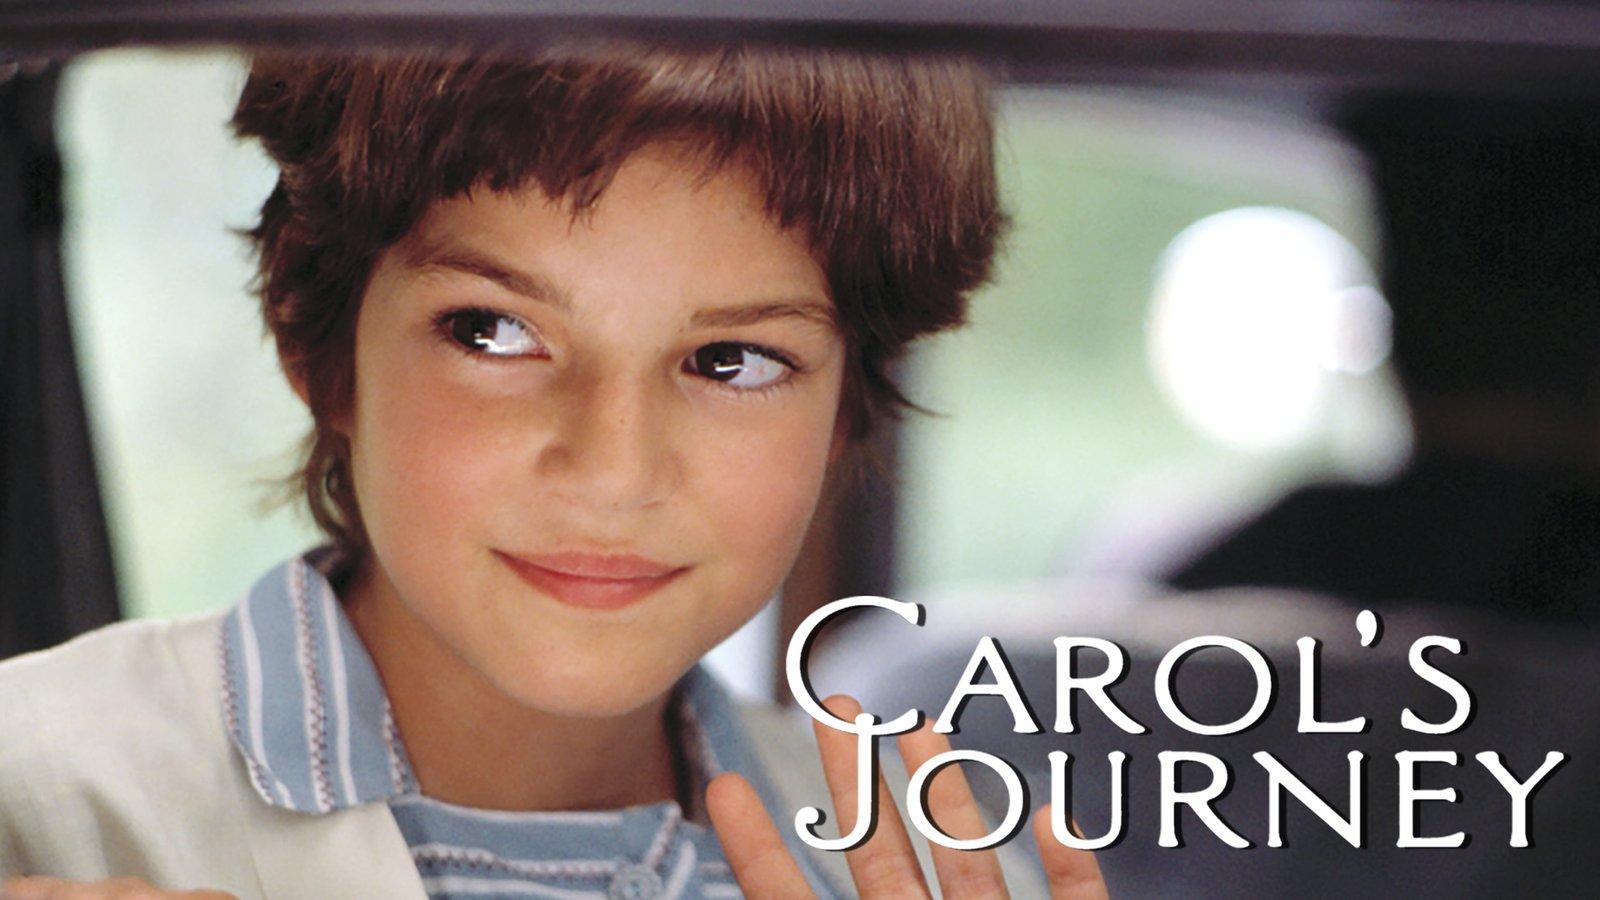 Carol's Journey